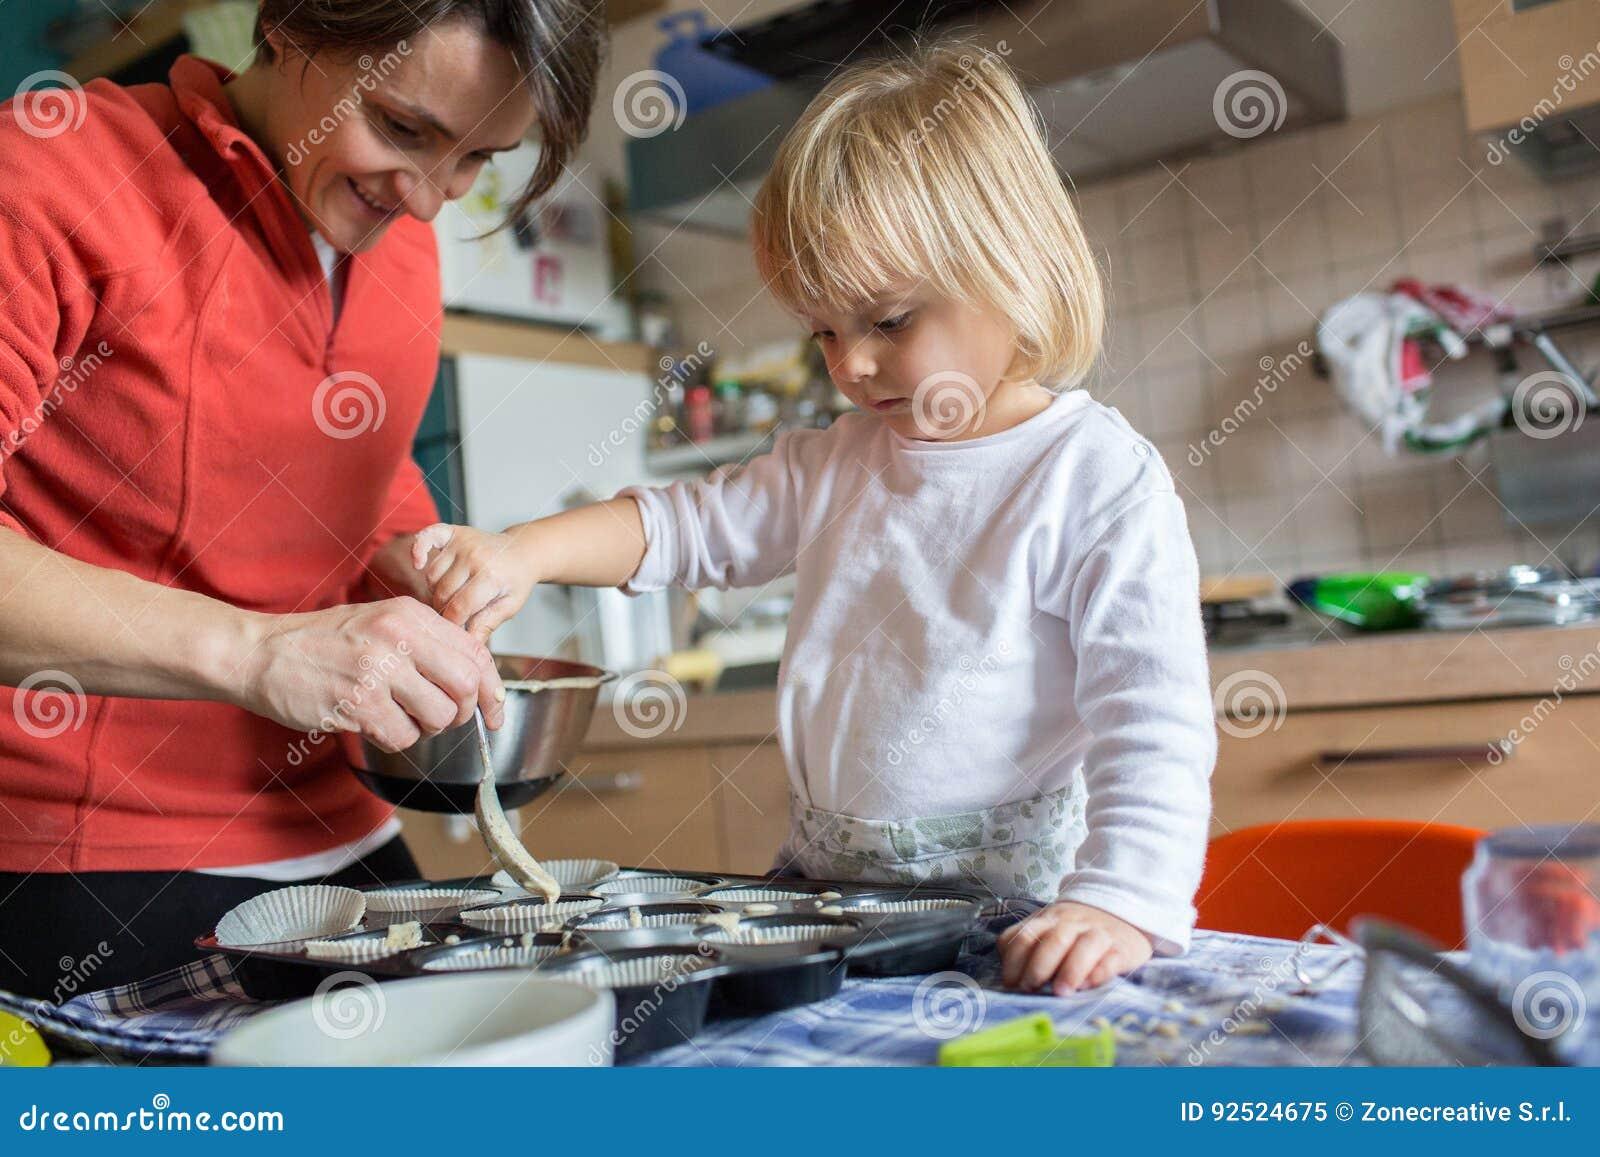 Aide de fille de b b faisant cuire avec sa maman dans la - Video amour dans la cuisine ...